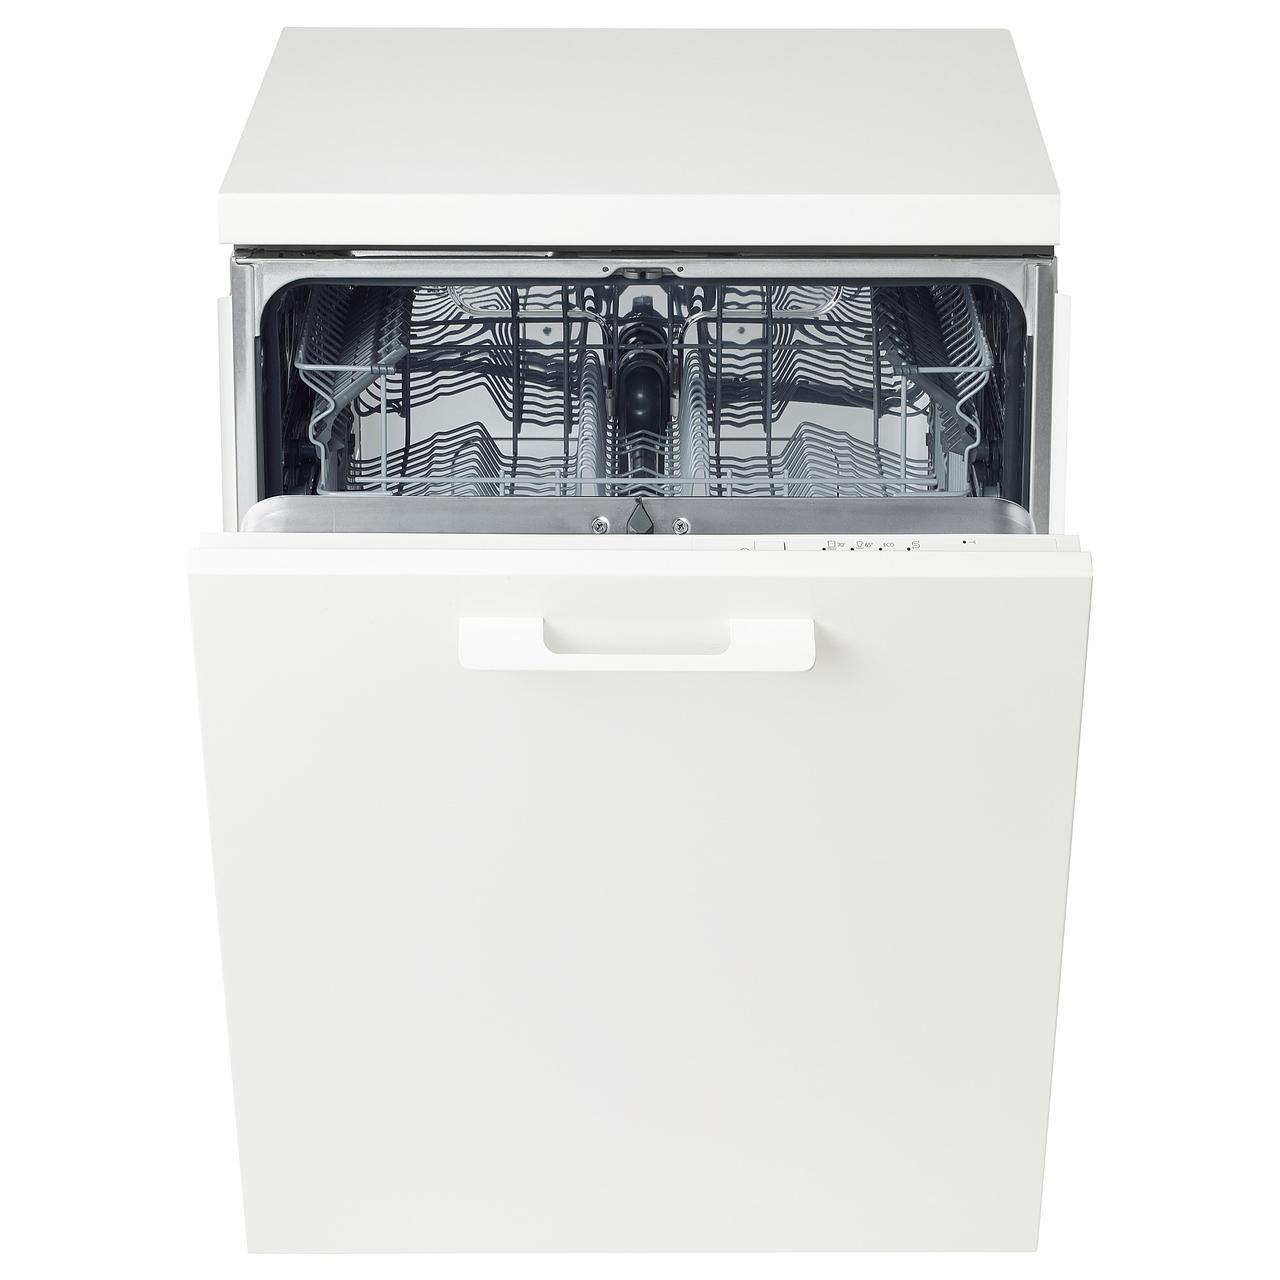 ЛАГАН Встраиваемая посудомоечная машина, белый